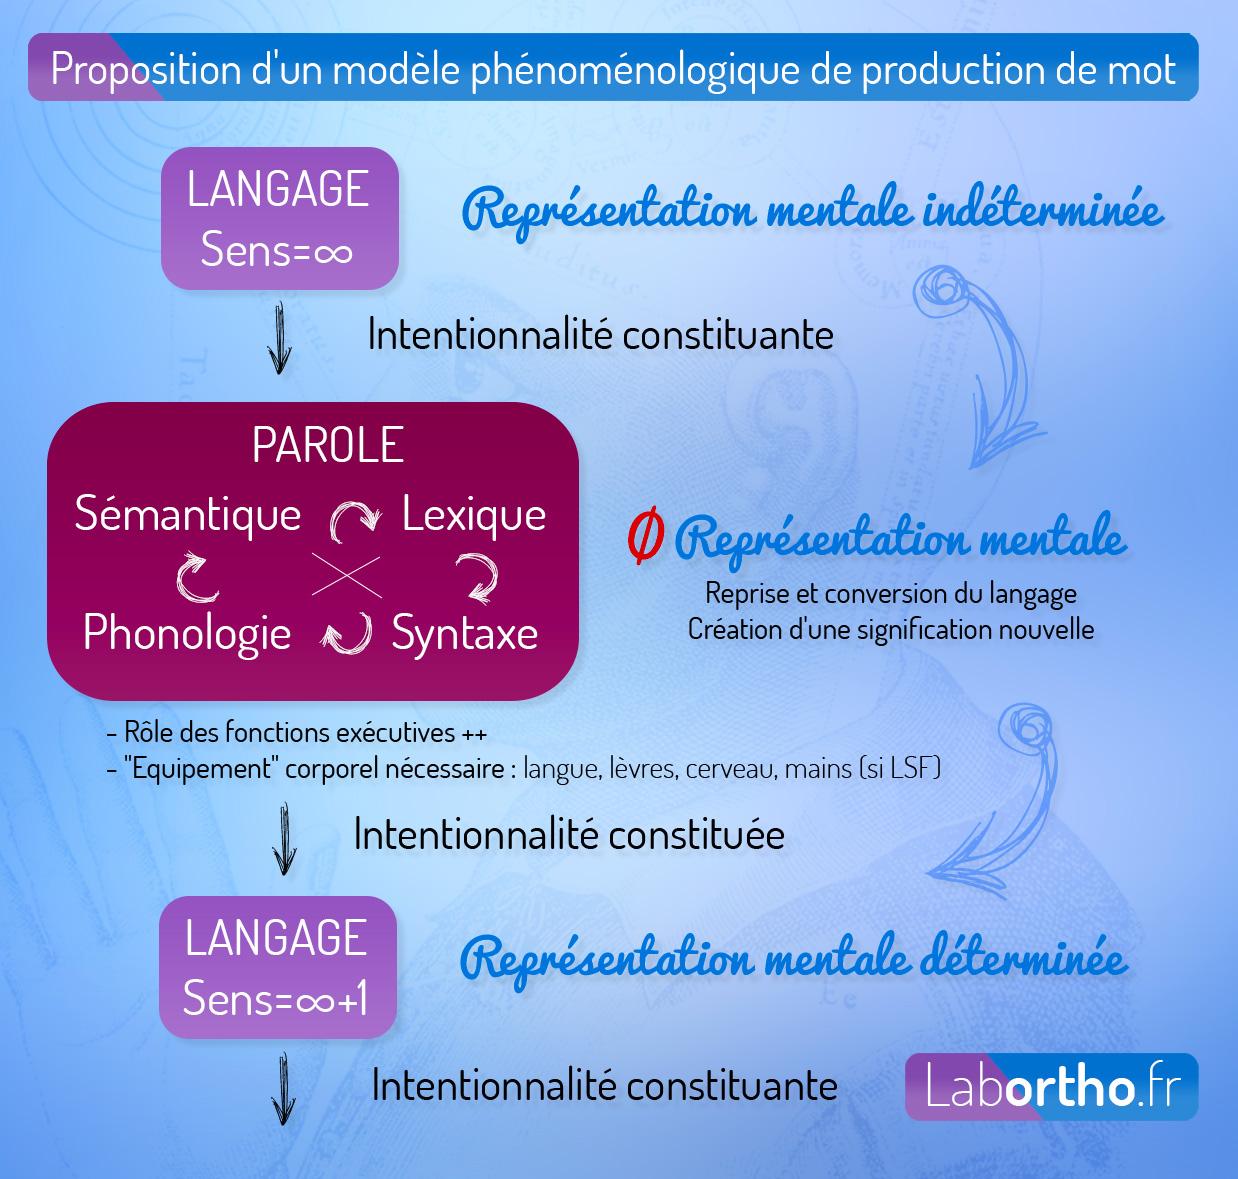 Proposition d'un modèle phénoménologique de production de mot